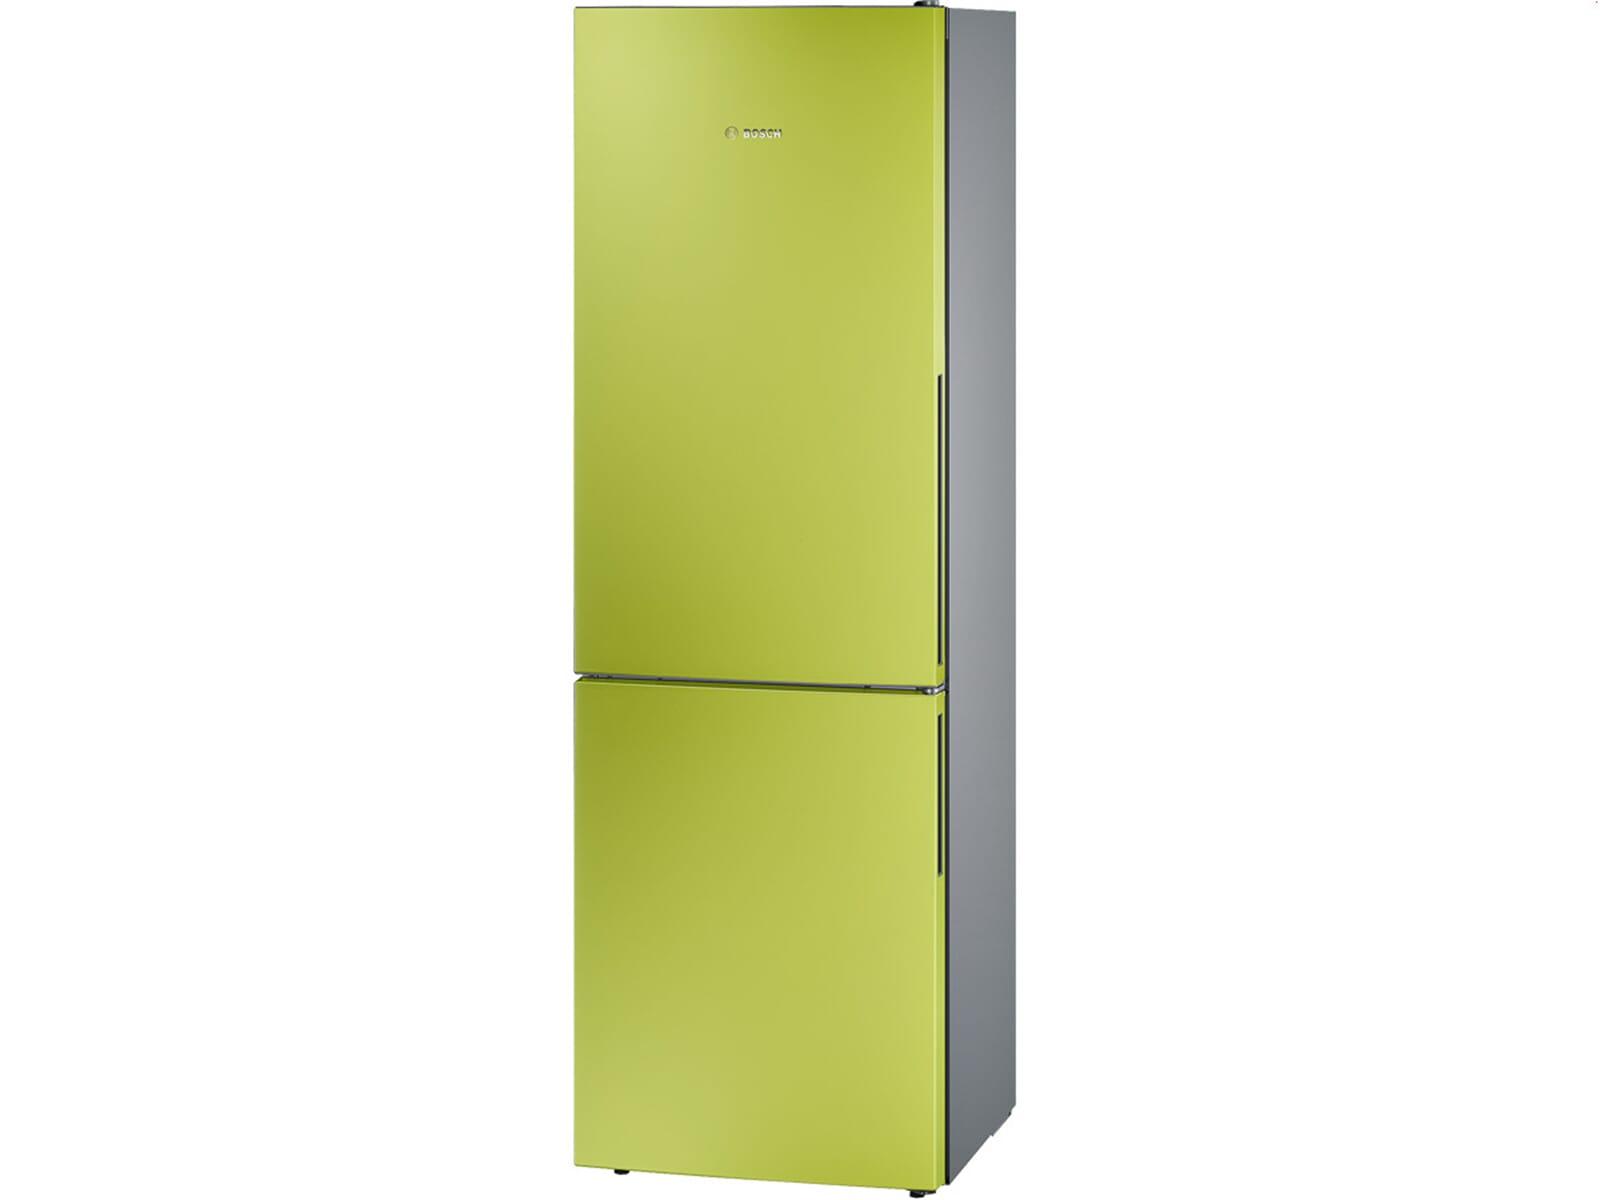 Bosch Kühlschrank Grün : Bosch kgv vh s kühl gefrierkombination lime green